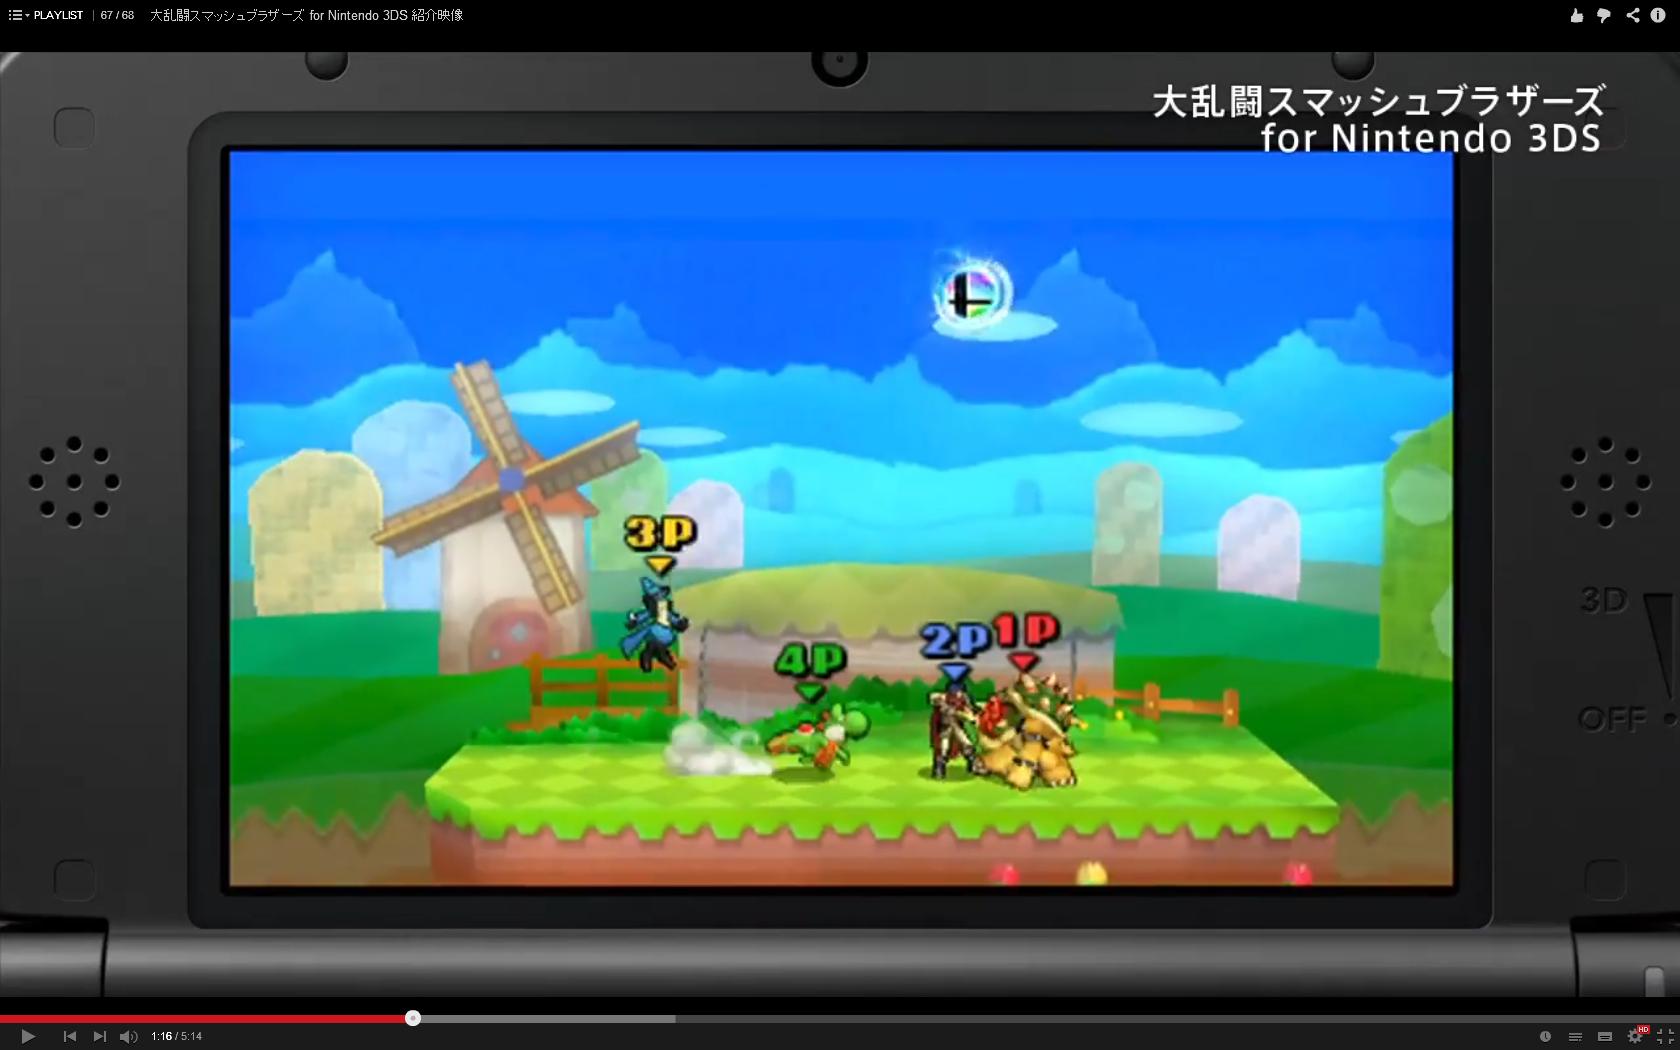 [Officiel] Liste des stages 3DS + nouvelle vidéo 1409319608034728700